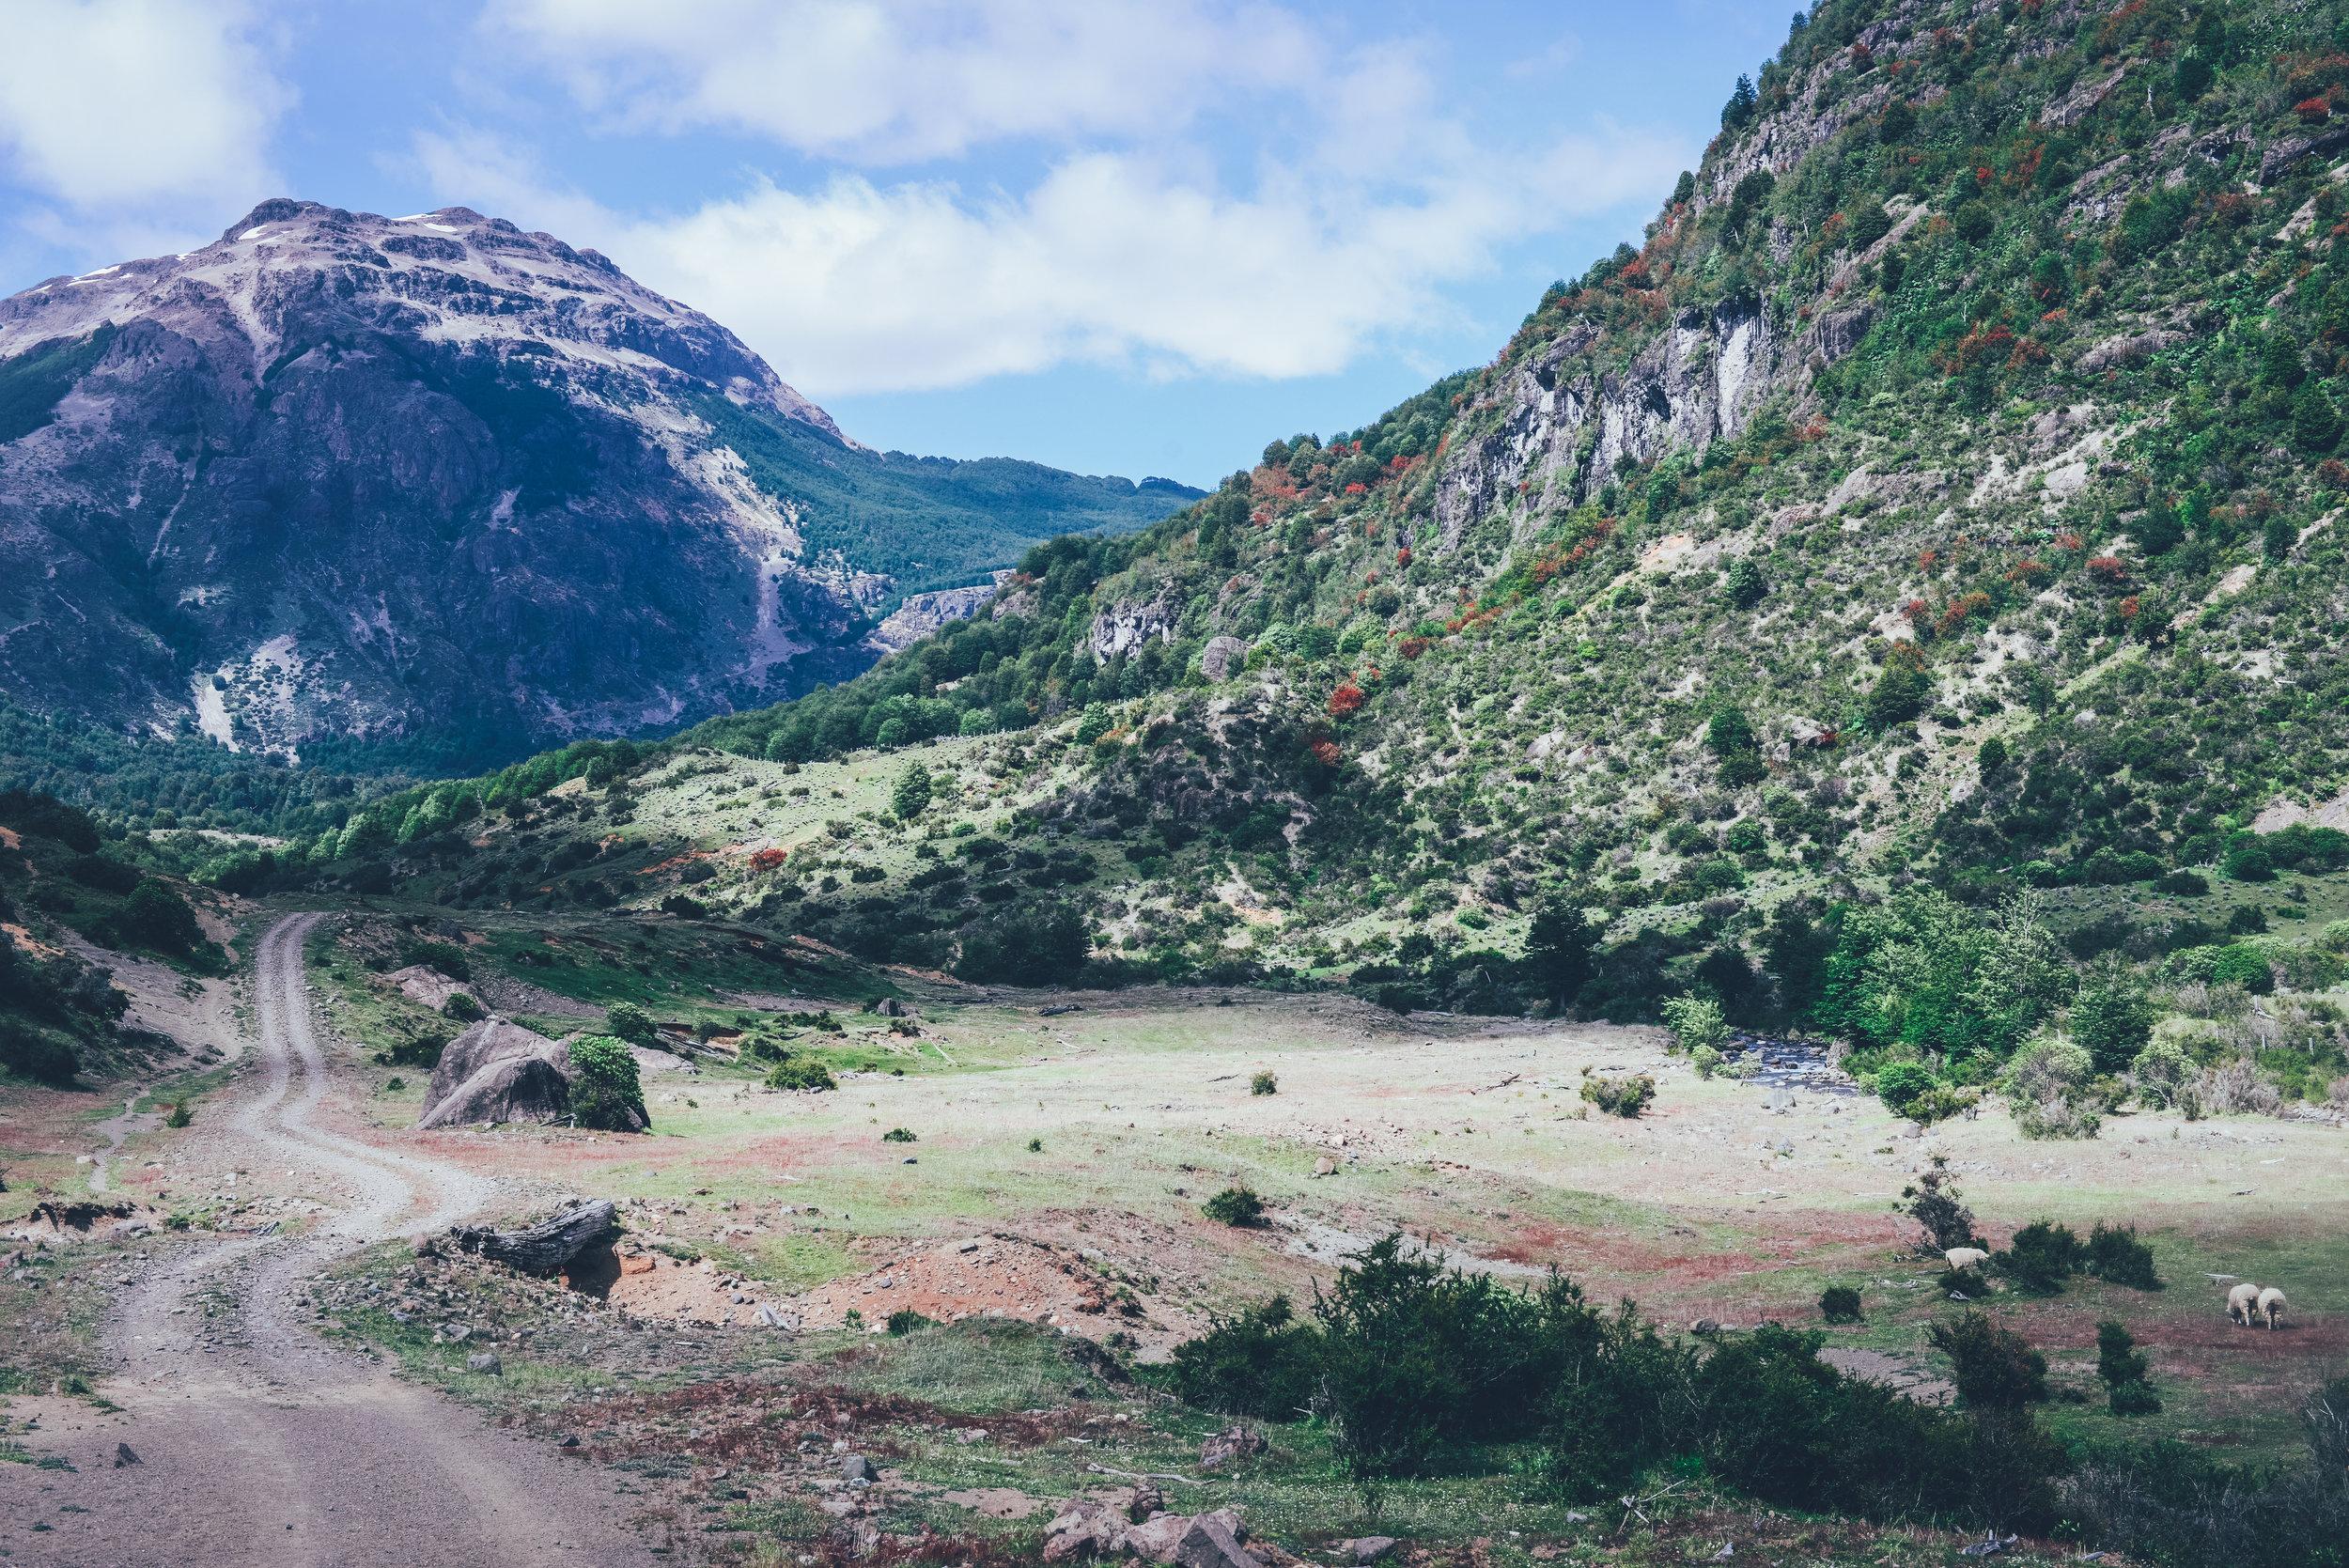 CBS_Patagonia_deBontin-65.jpg